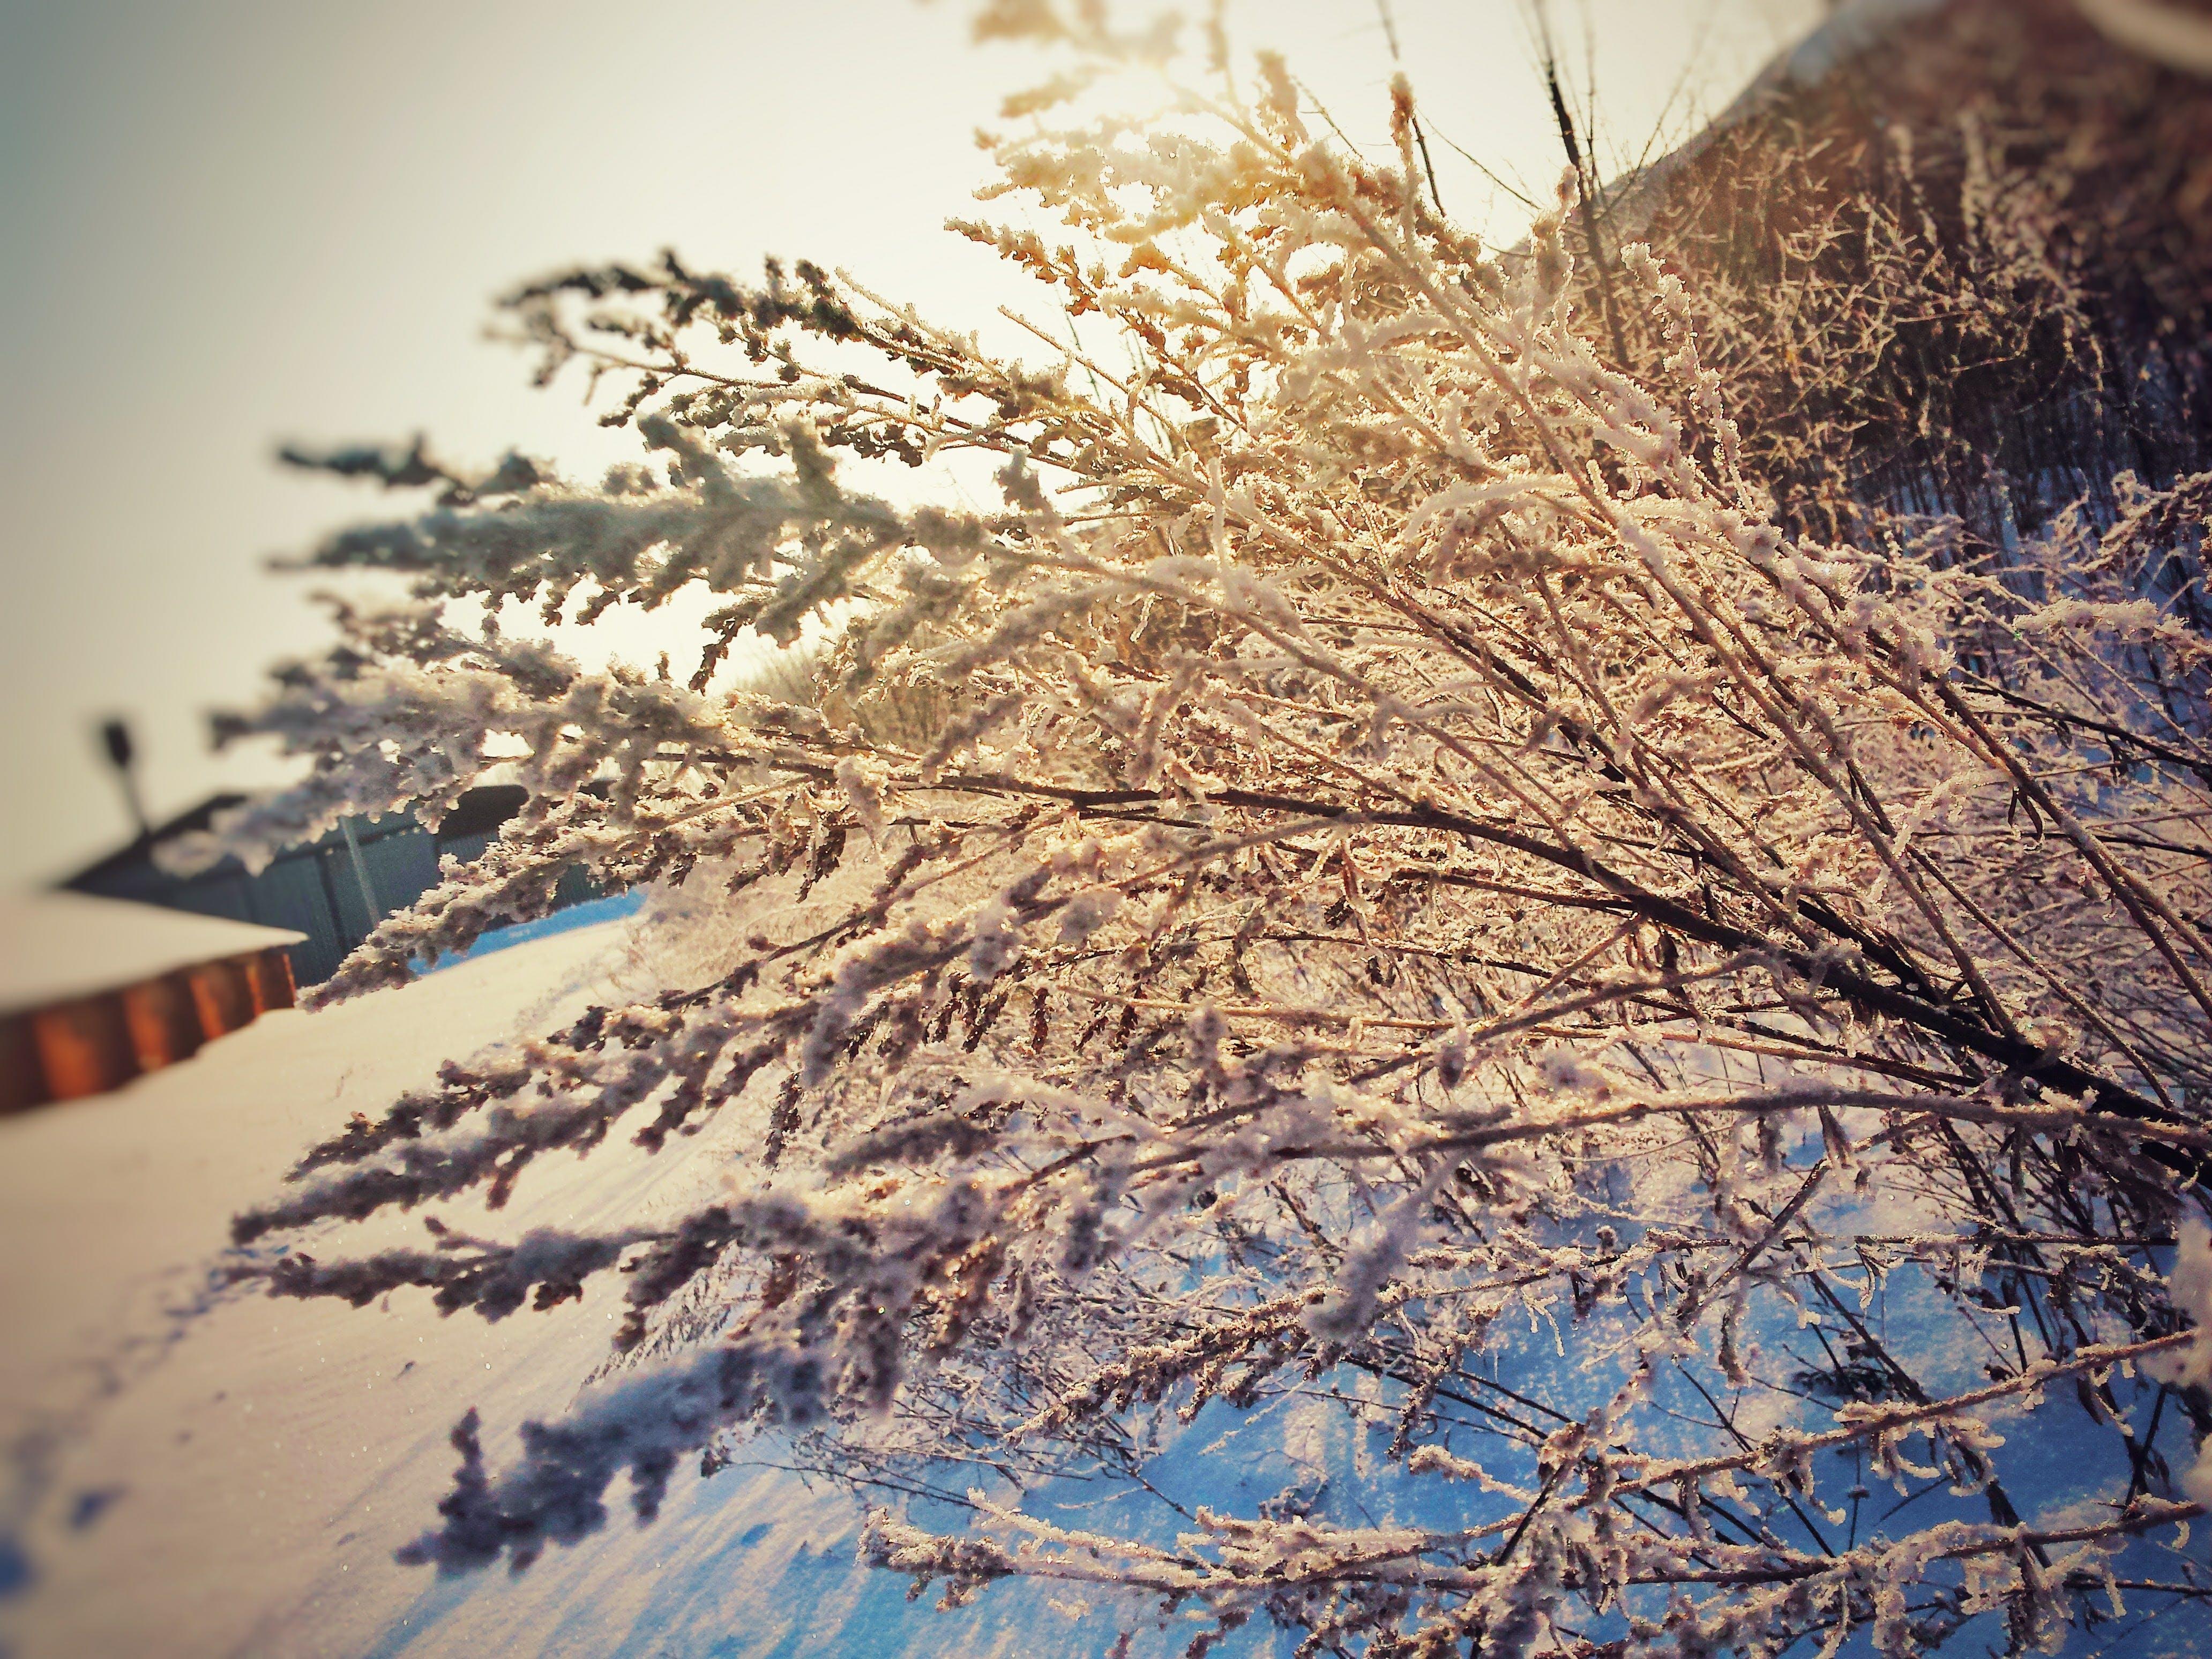 Δωρεάν στοκ φωτογραφιών με cool, Δεκέμβριος, ήλιος, ιανουάριος